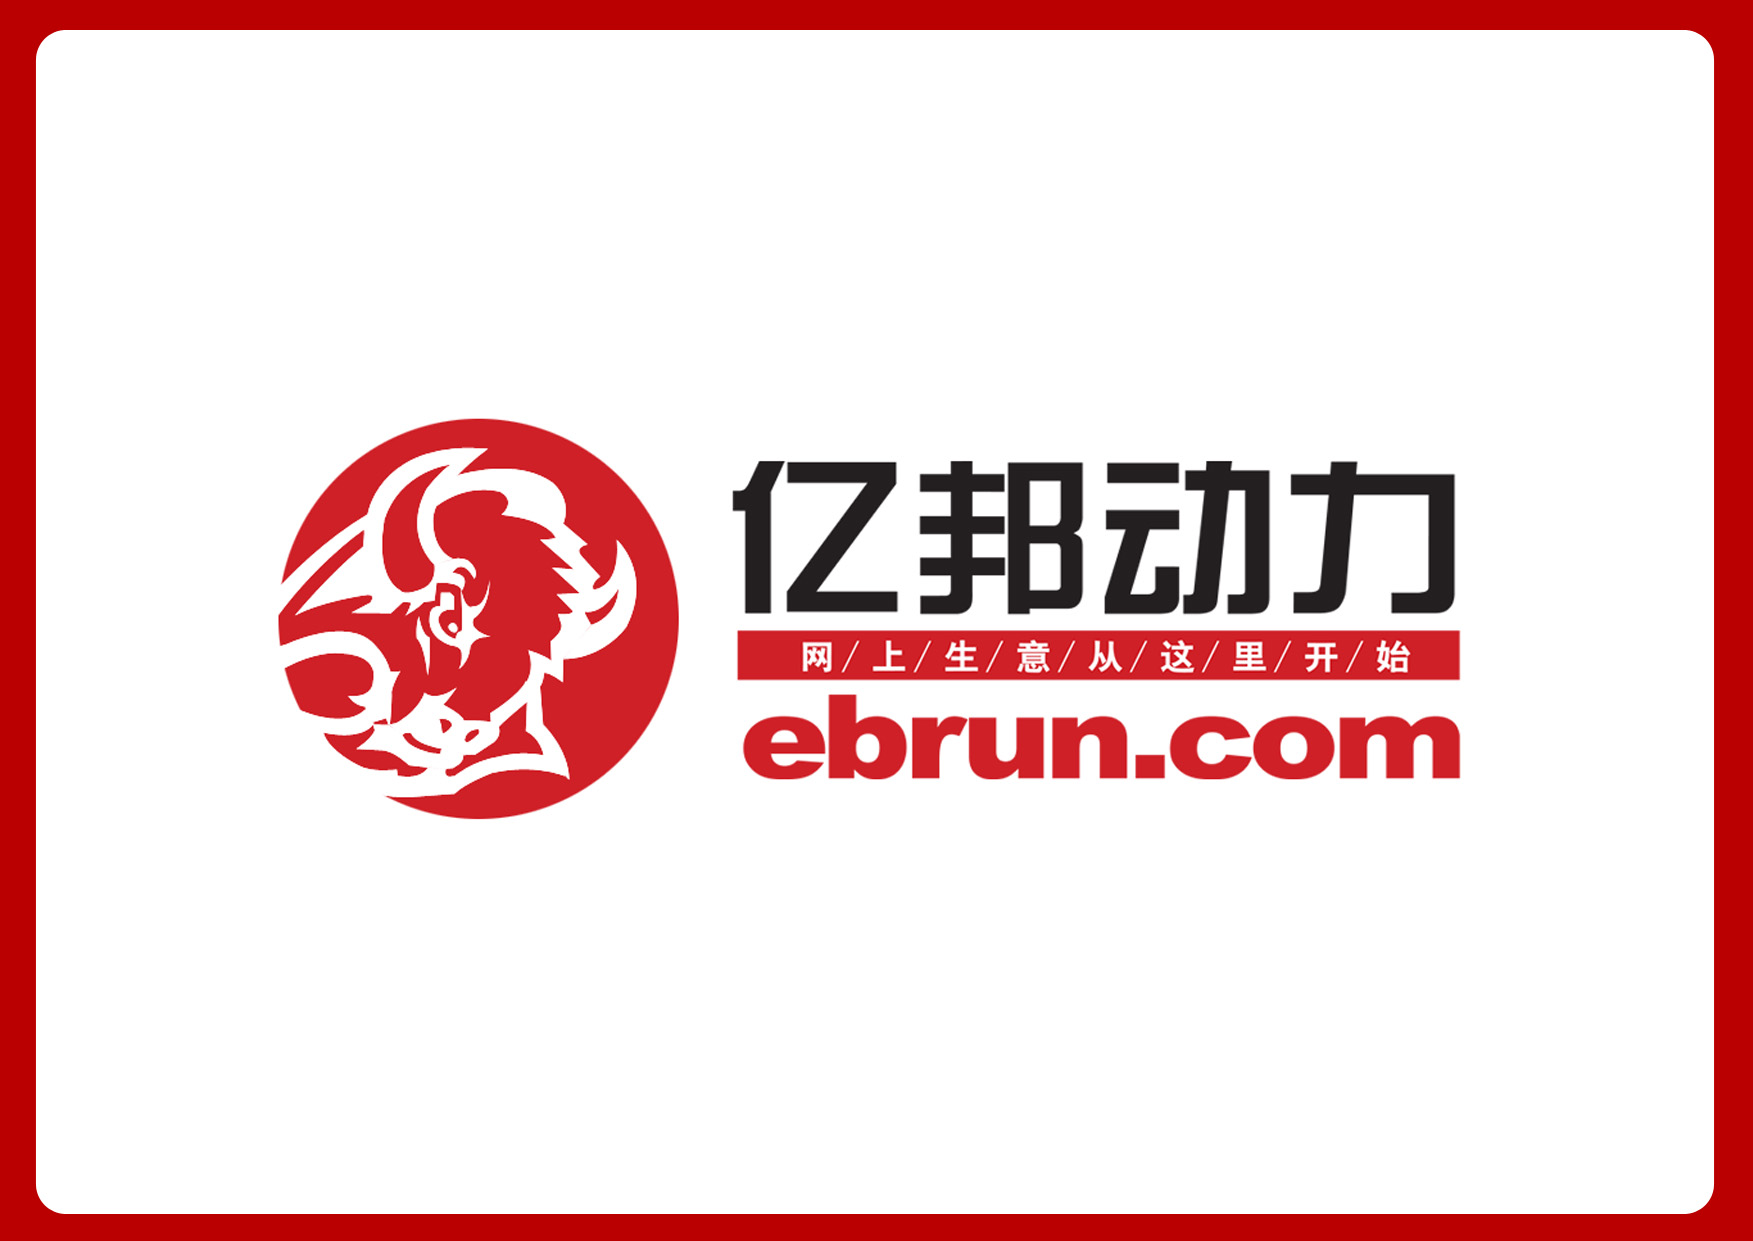 亿邦动力网站logo设计